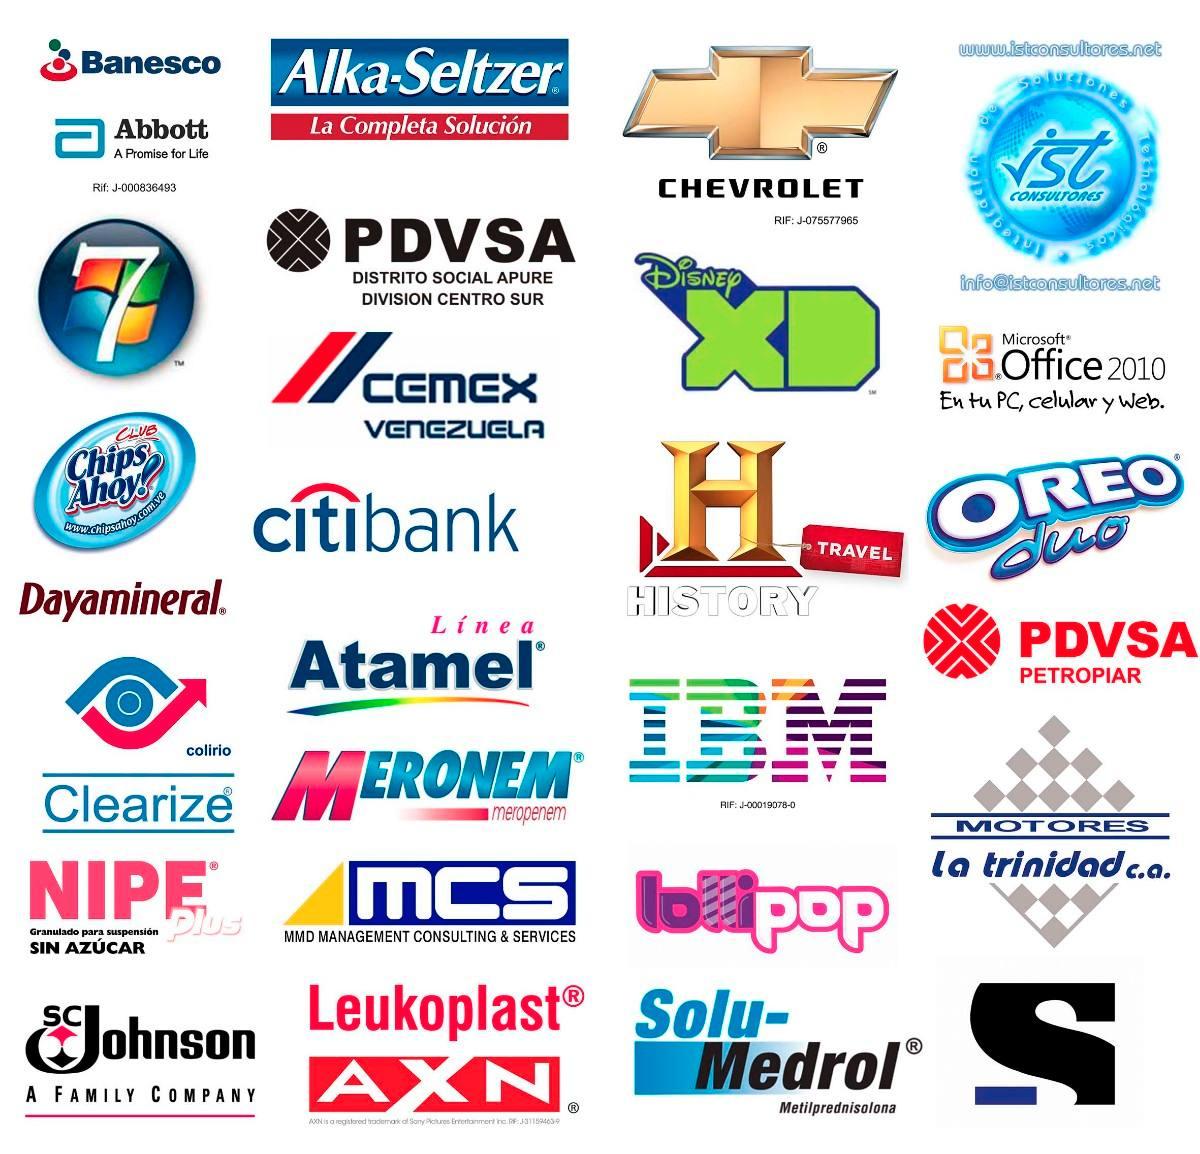 8 páginas web desde las que descargar logotipos vectorizados